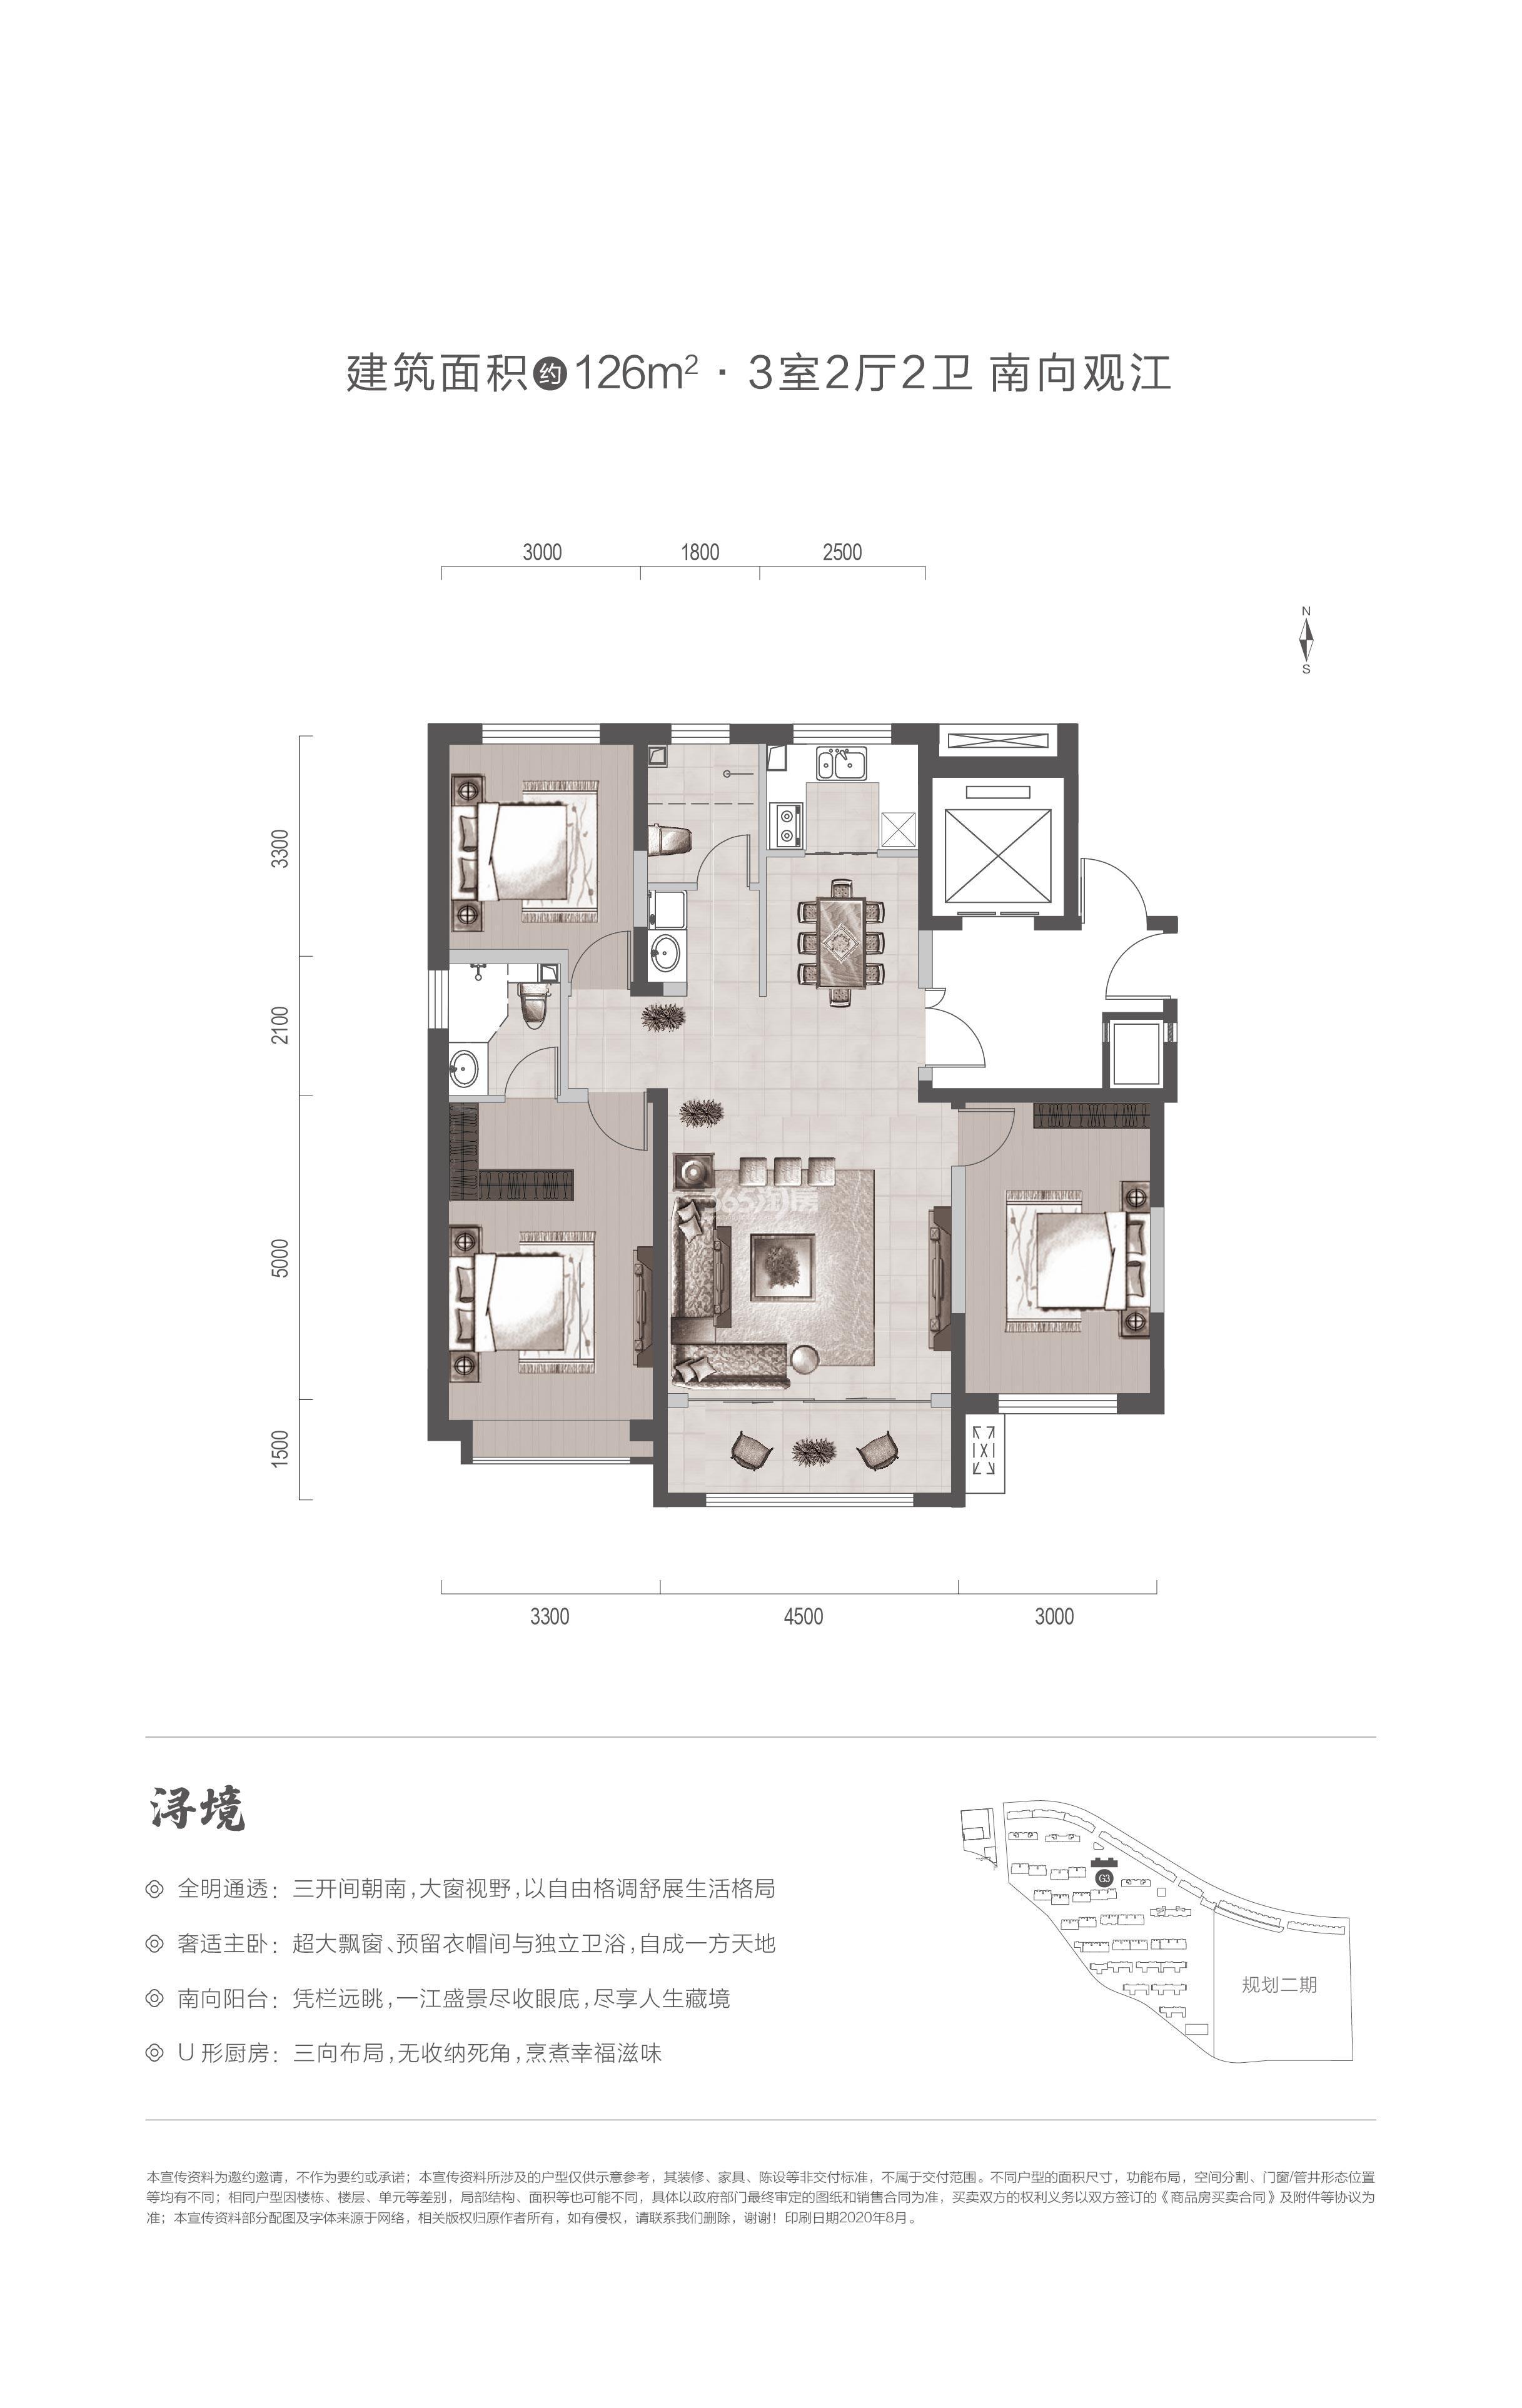 126㎡ 3室2厅2卫